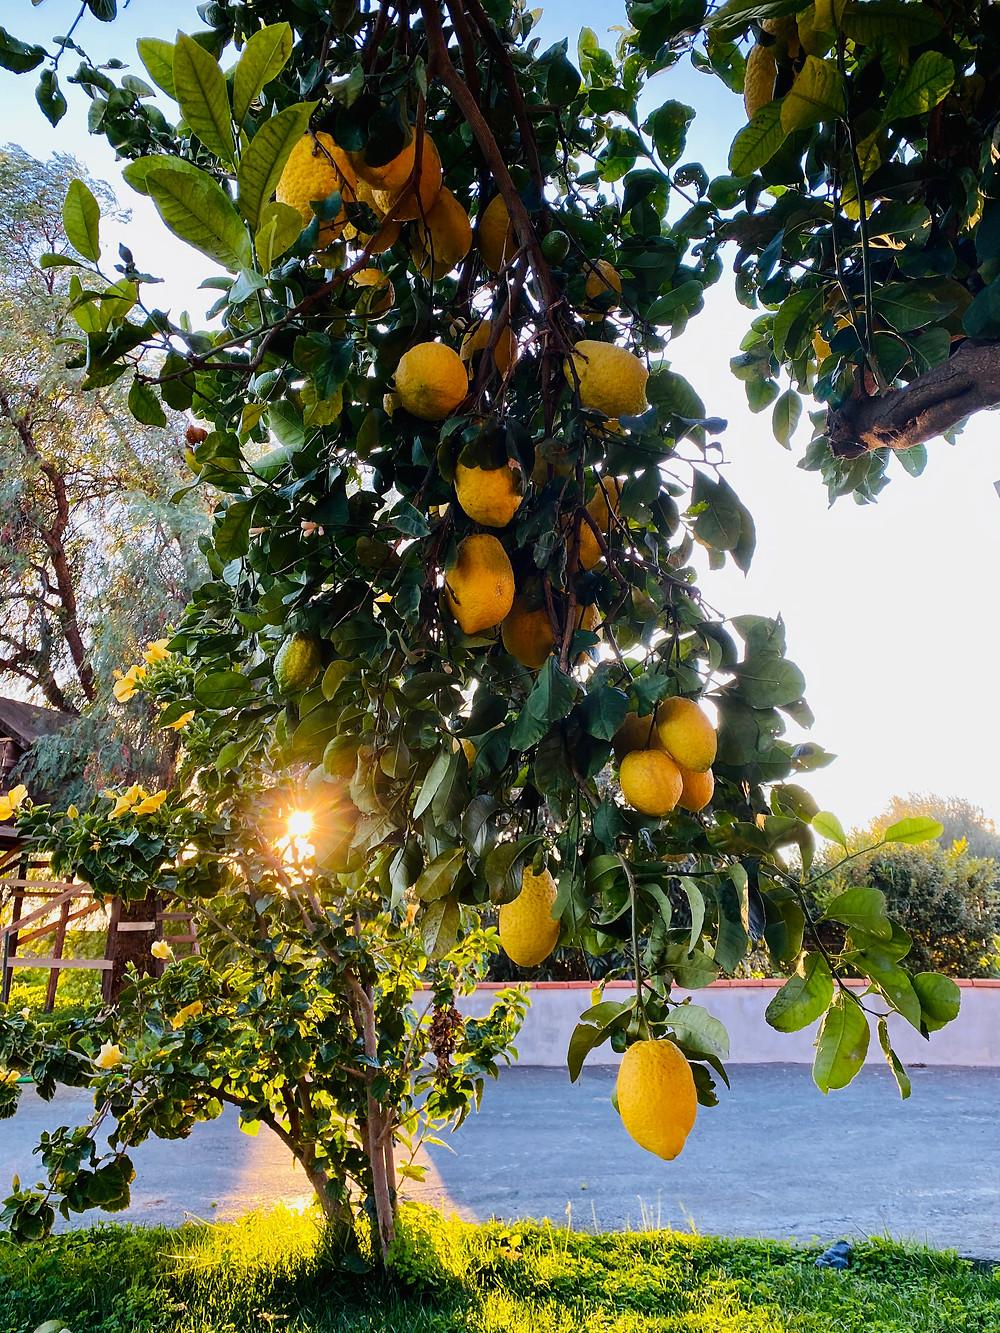 sicily-lemons